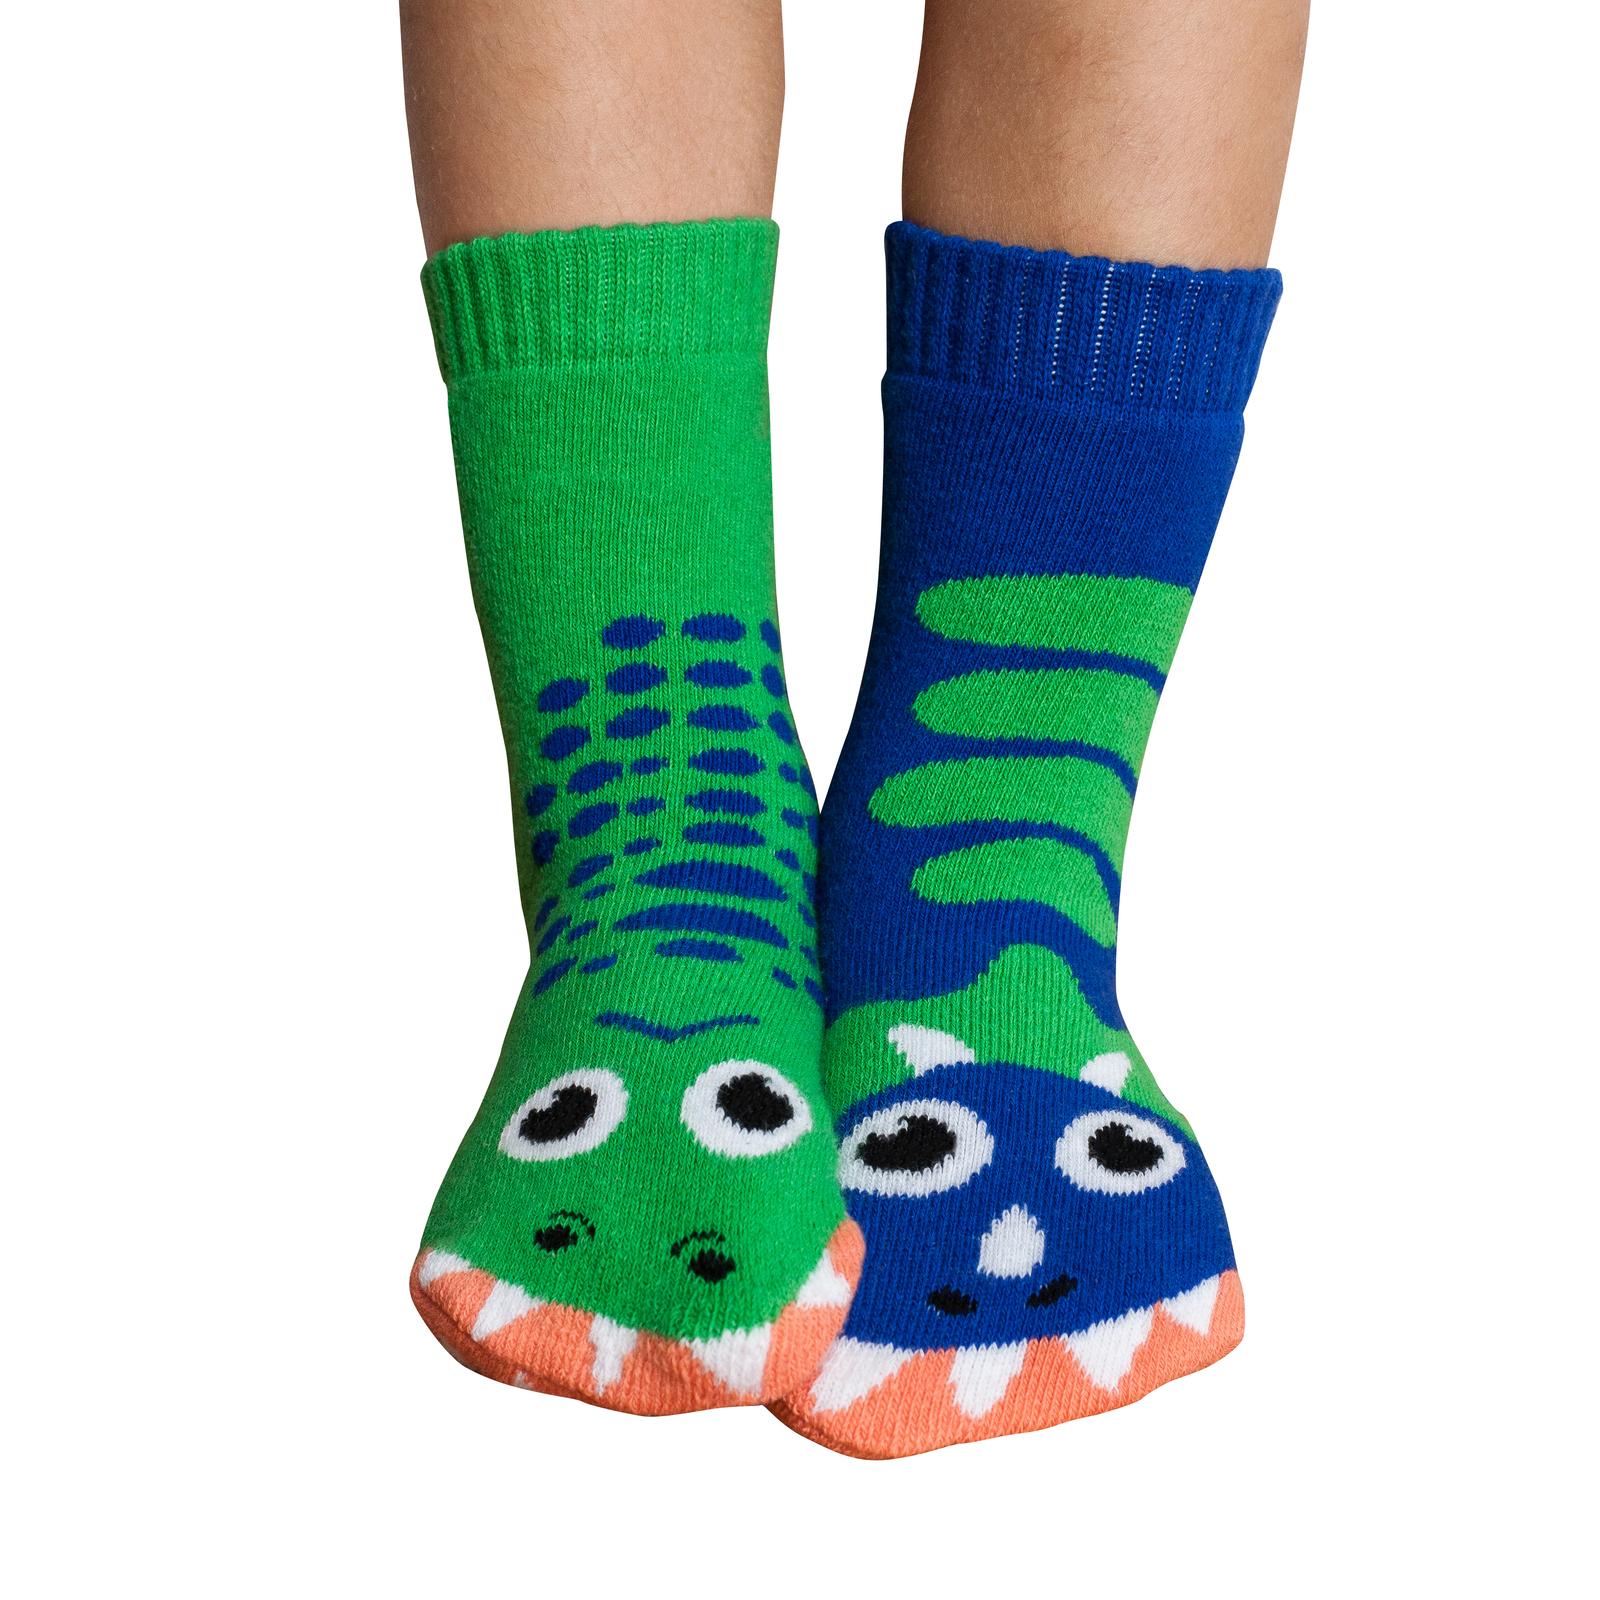 Vs. Stuff Kid's Socks